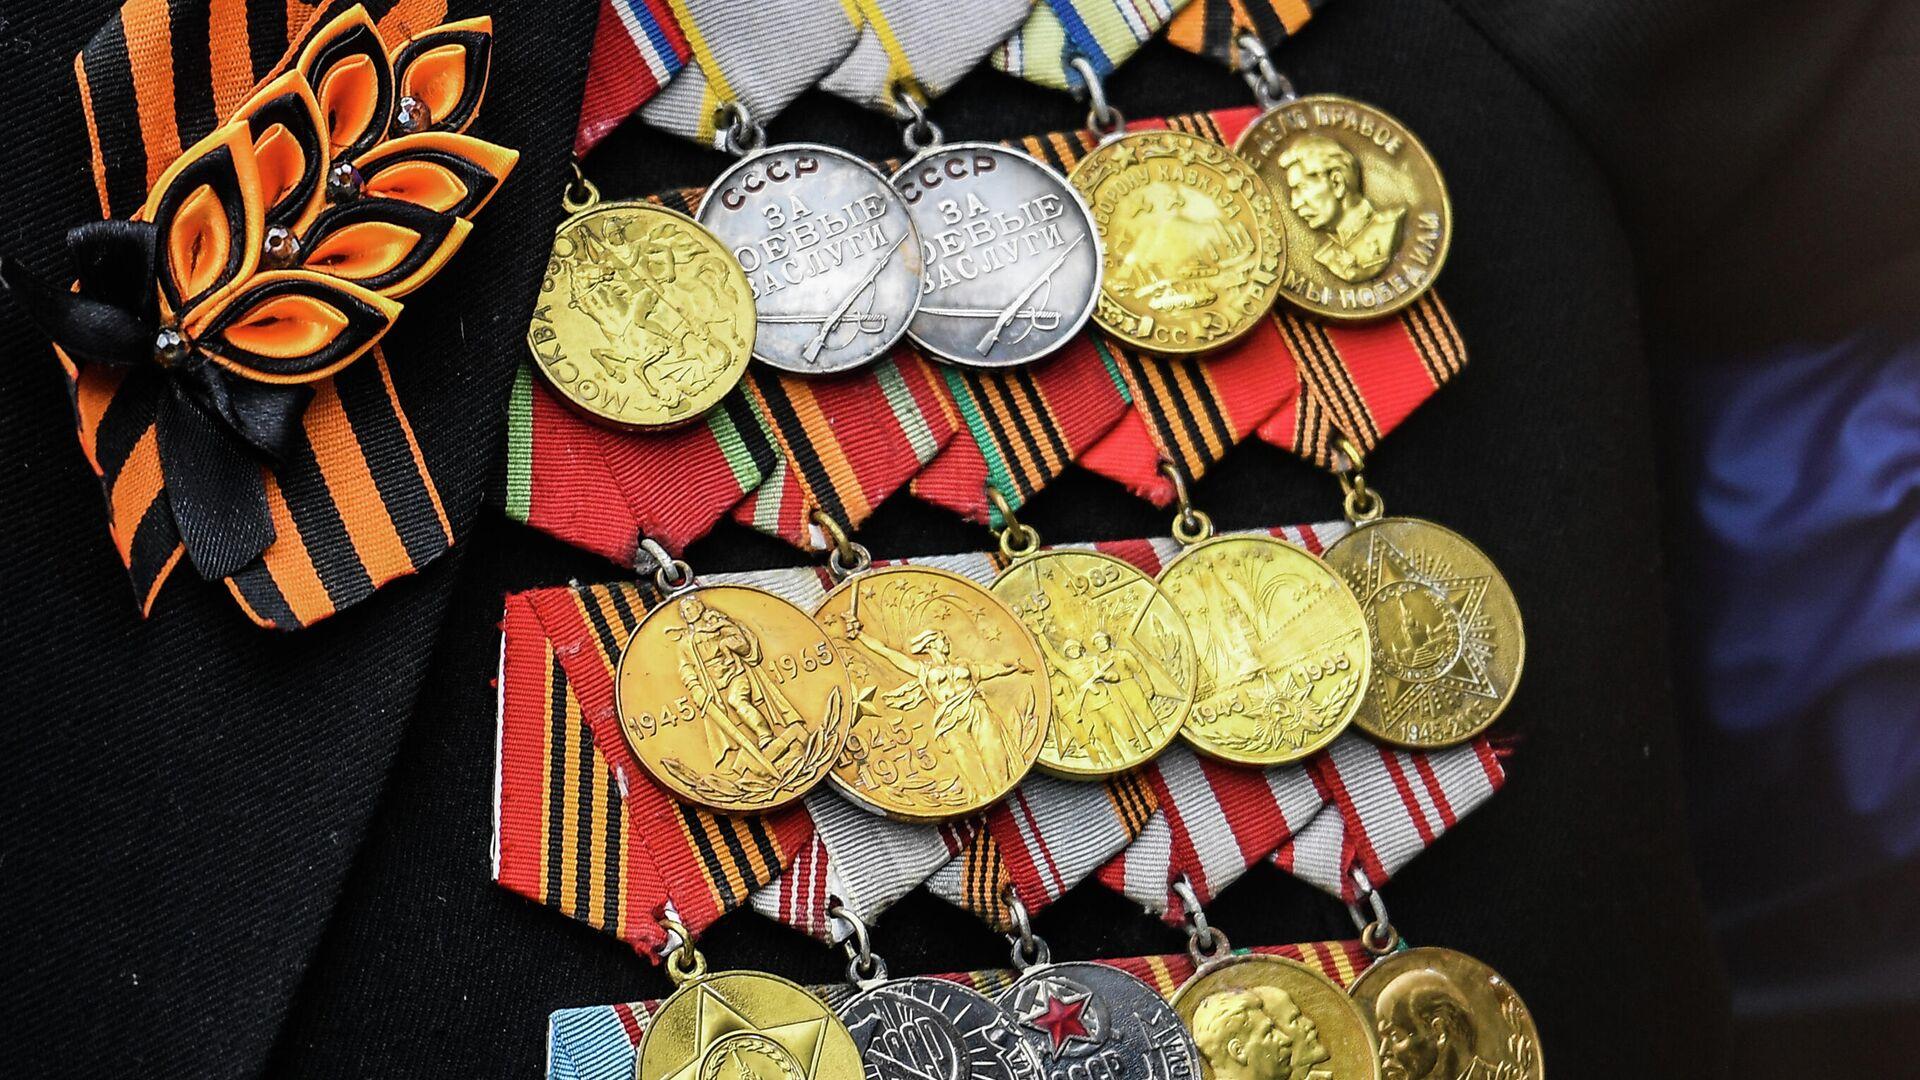 Медали на груди ветерана на военном параде в честь 76-й годовщины Победы в Великой Отечественной войне в Москве - РИА Новости, 1920, 09.05.2021